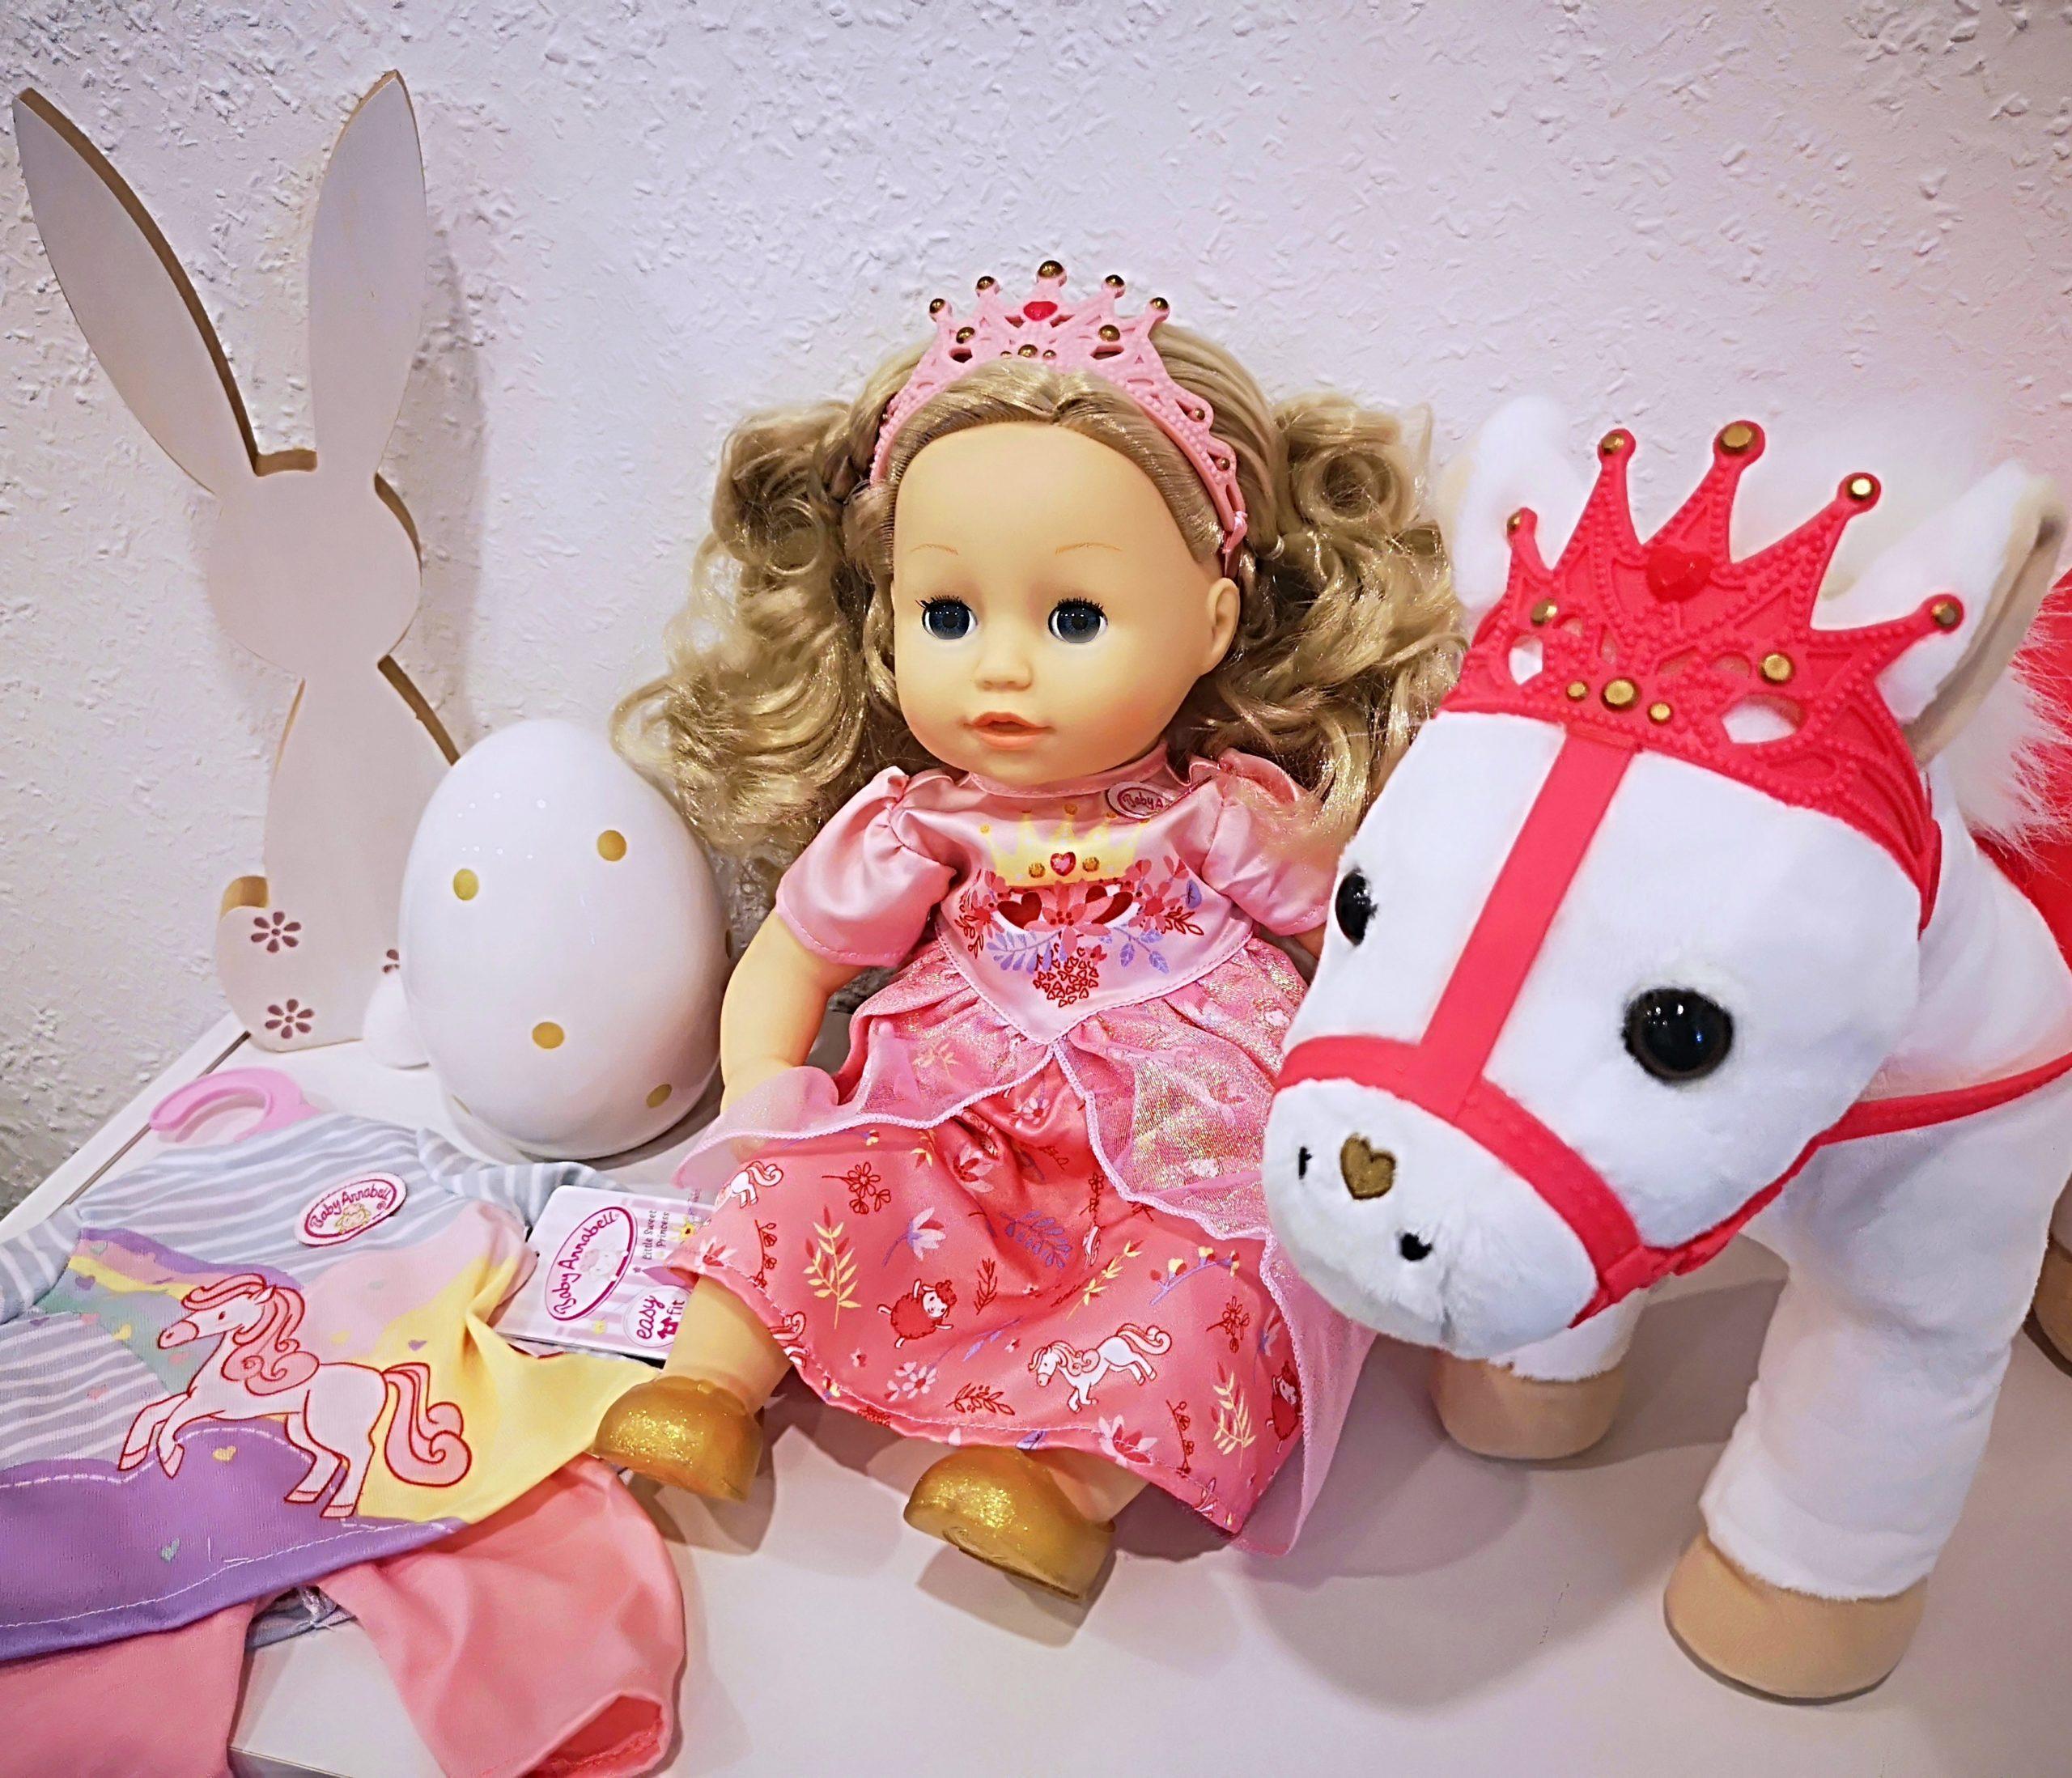 neue baby annabell produkte von zapf creation